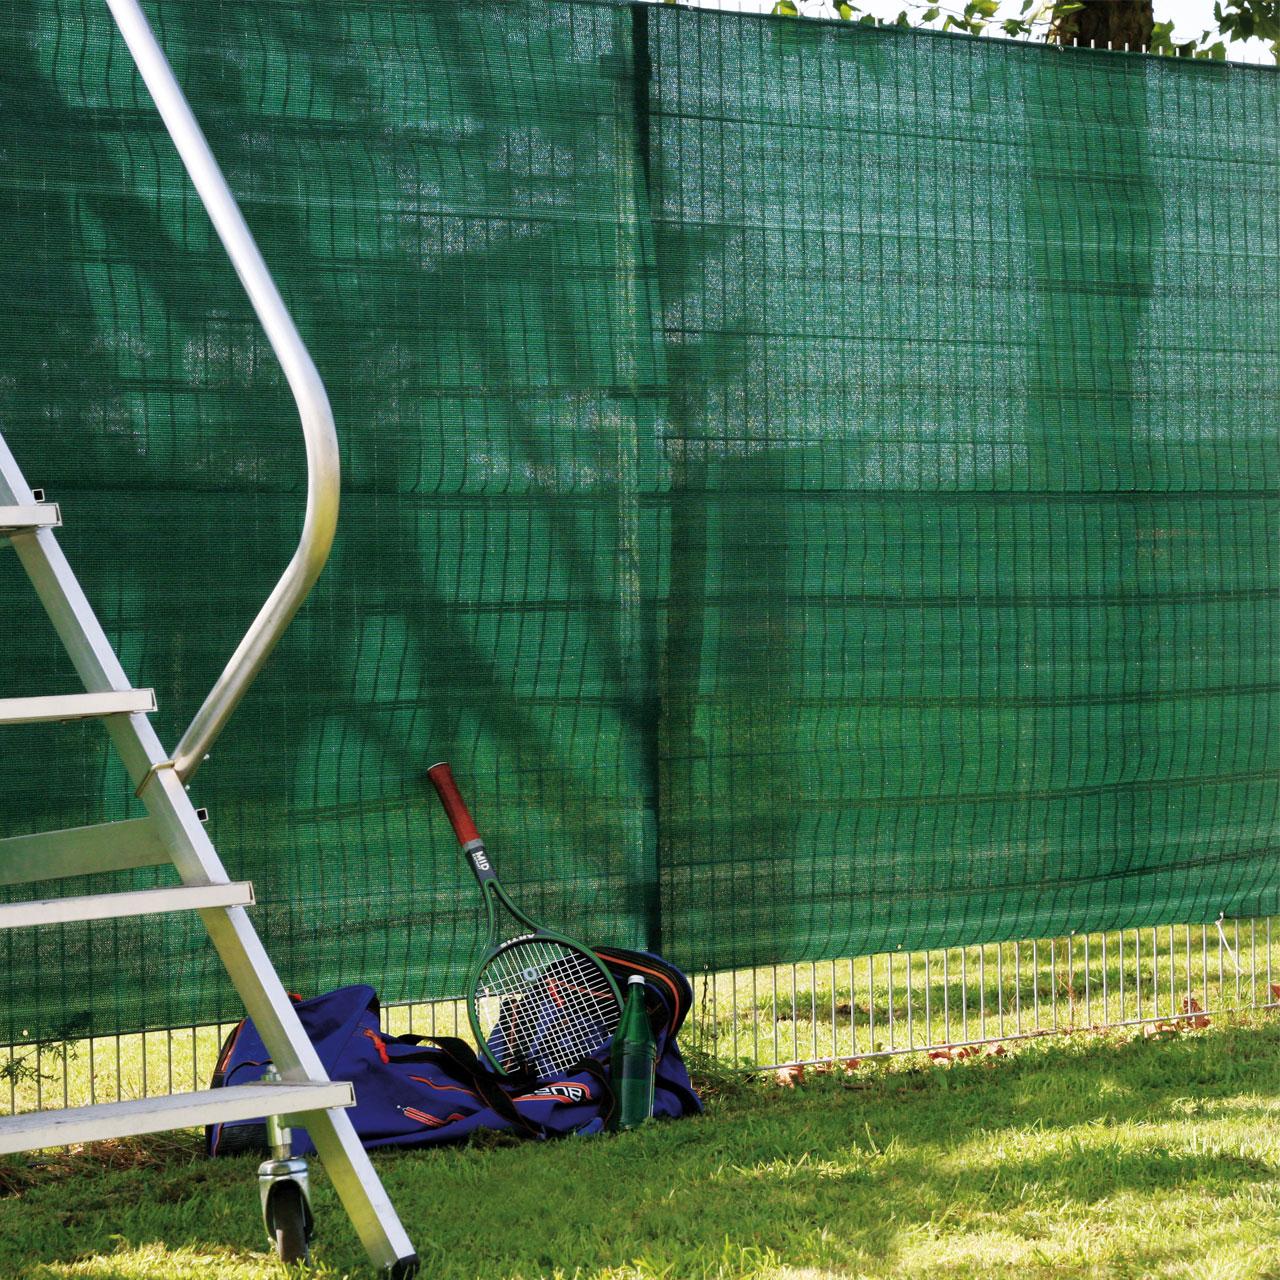 Garten Sichtschutz Zaunblende Meterware Grun Sichtschutz Welt De